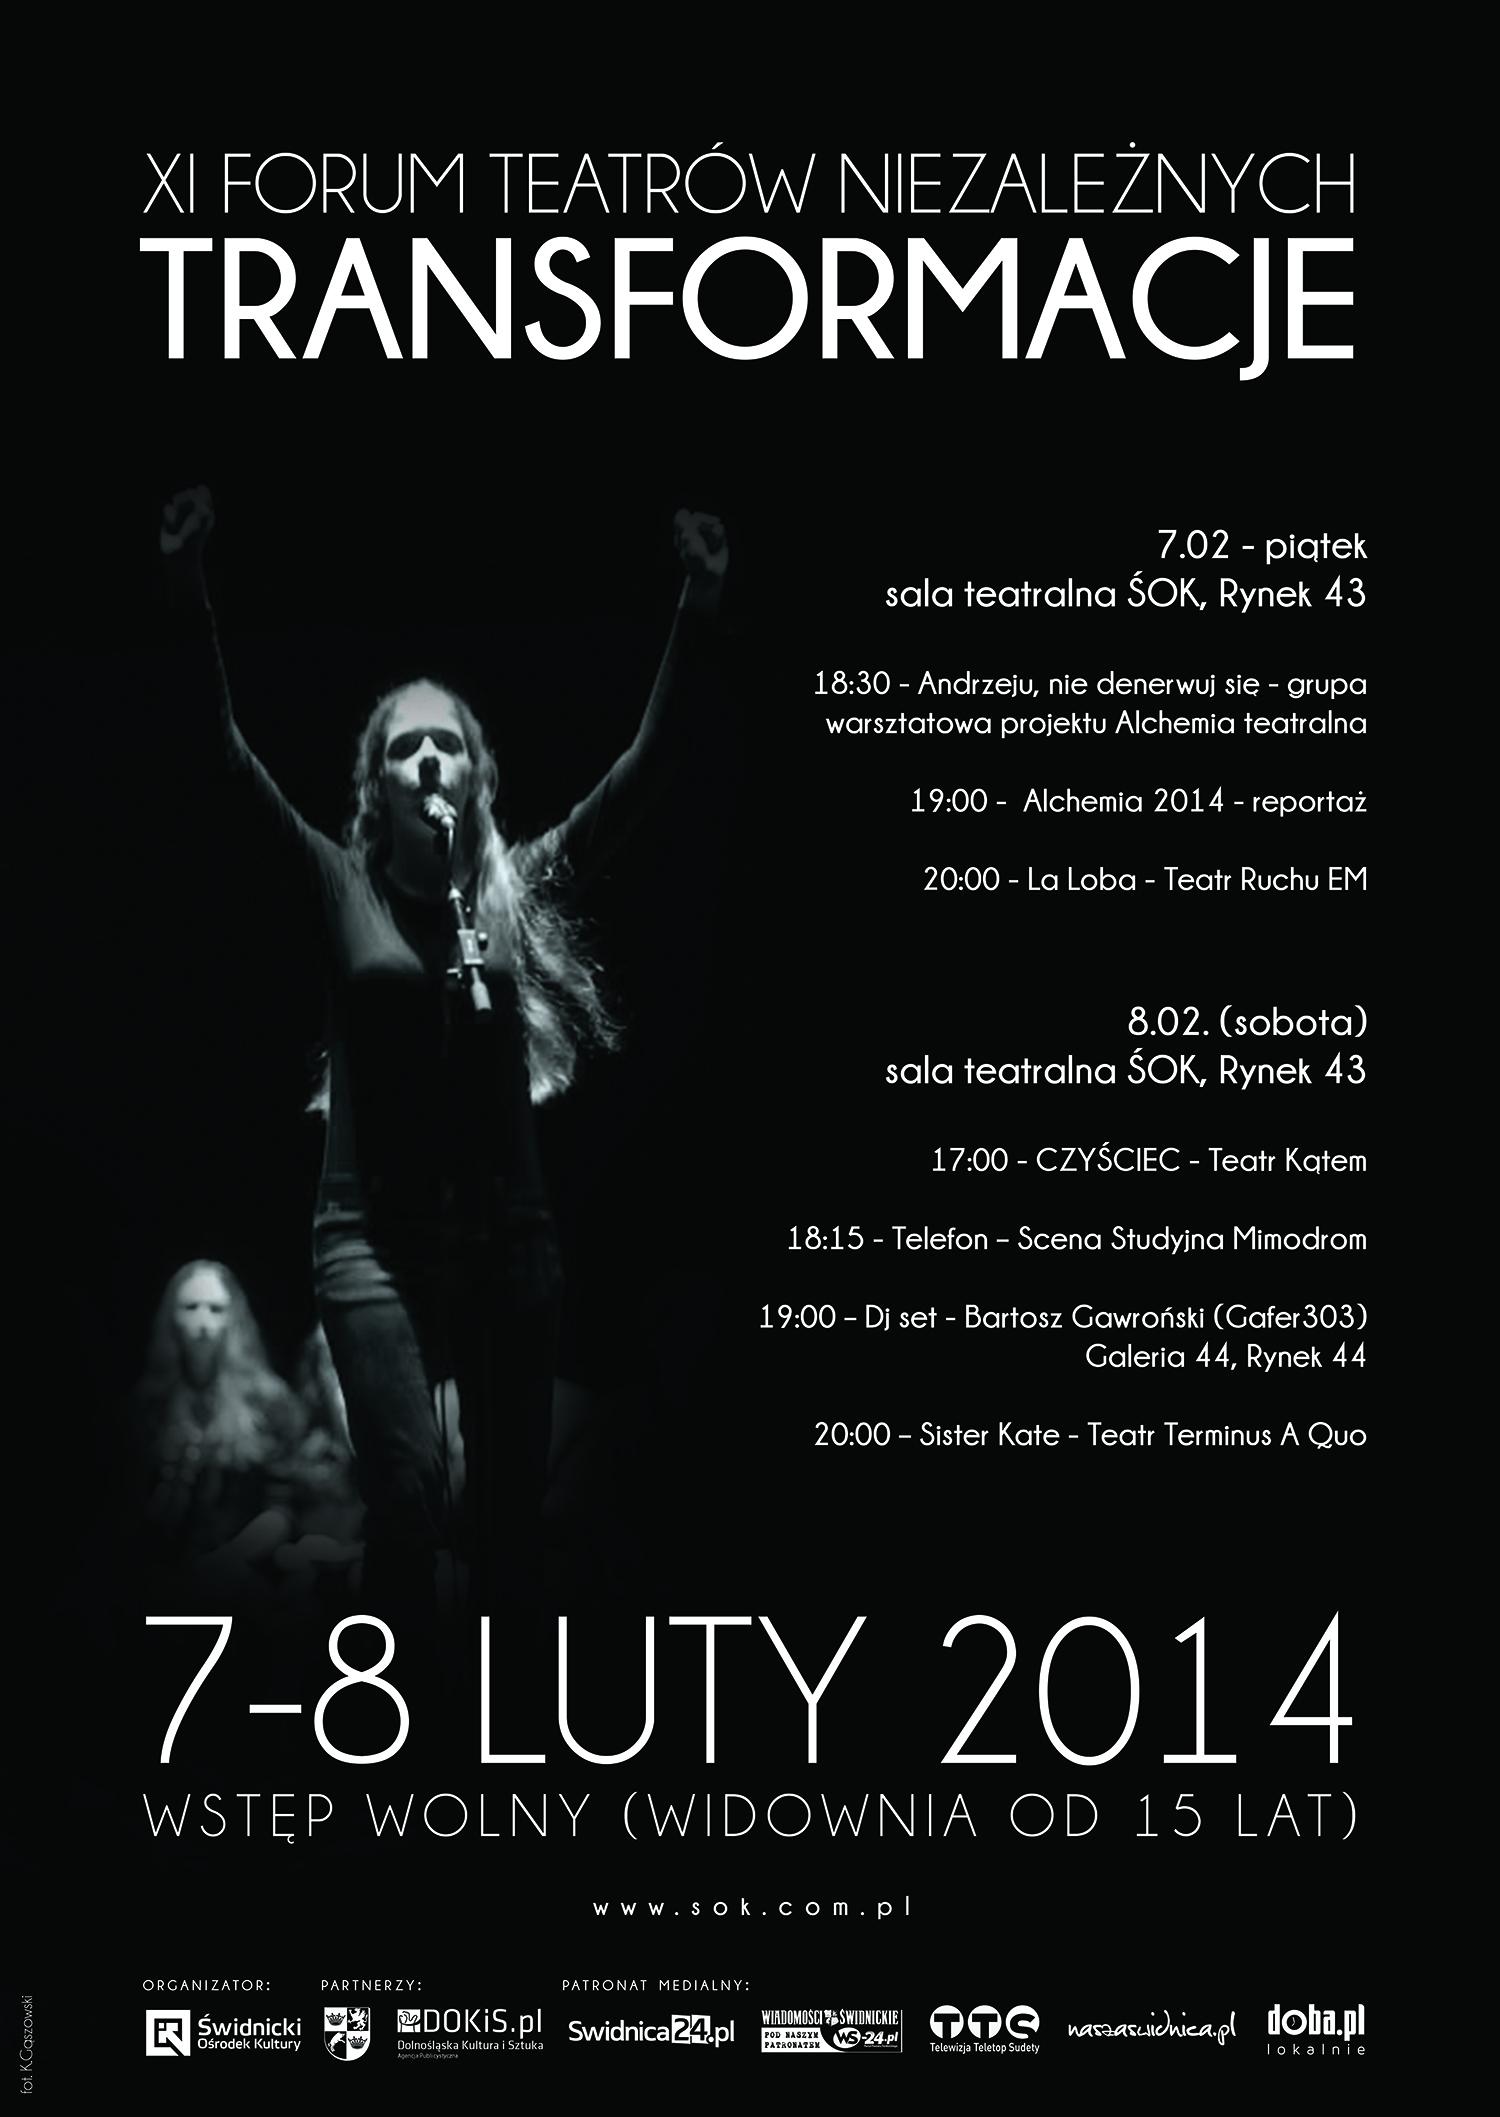 Transformacje: XI Forum Teatrów Niezależnych